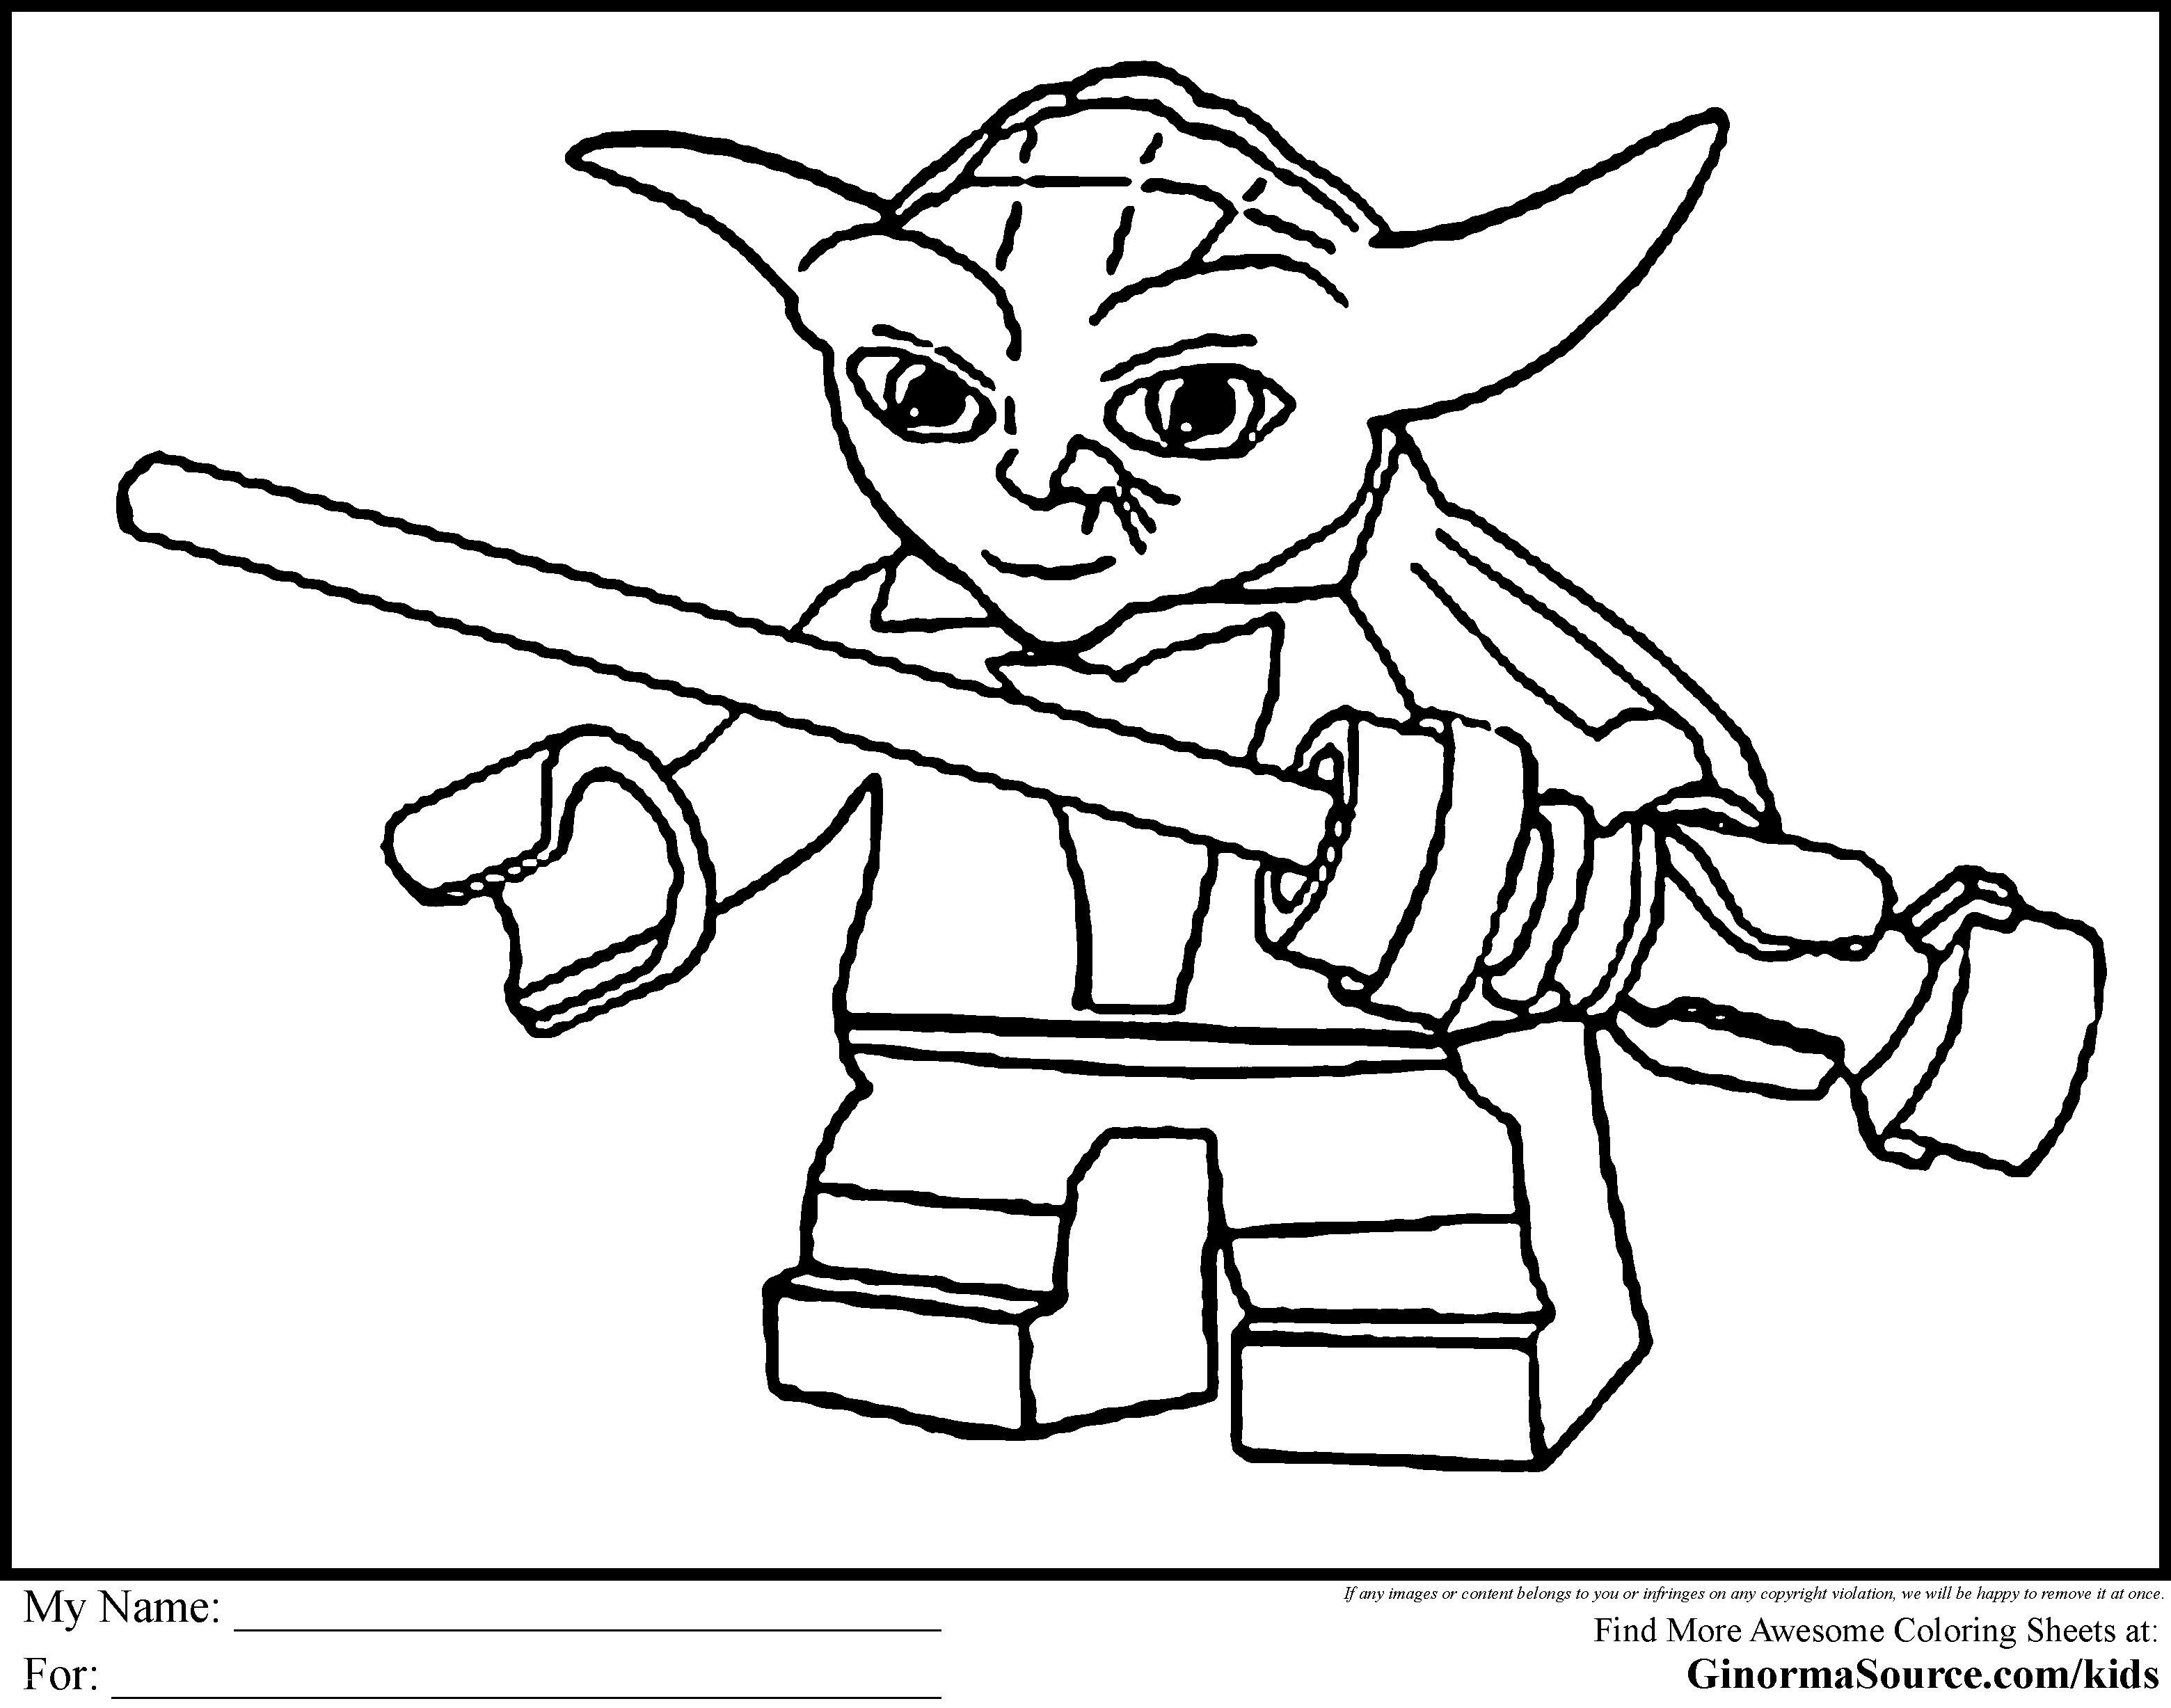 Lego Star Wars Ausmalbilder Inspirierend 45 Neu Ausmalbilder Lego Starwars Beste Malvorlage Bilder